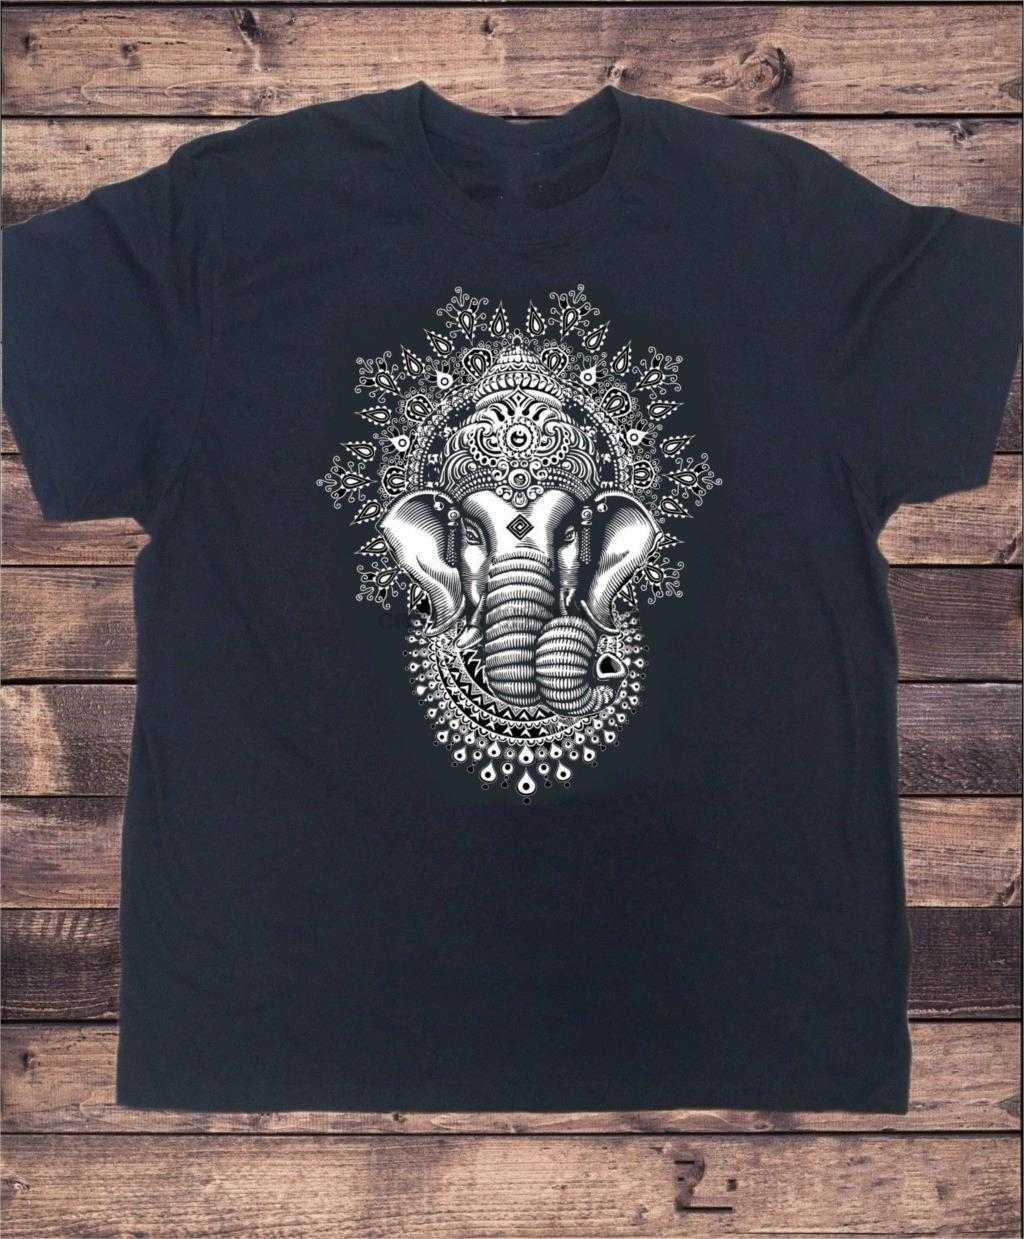 Herren Schwarz T-shirt Ganesh Elefant Gott Linie Kunst Meditation Indien Zen Hobo Yoga Männer Mode Baumwolle Tops Kleidung Schwarz